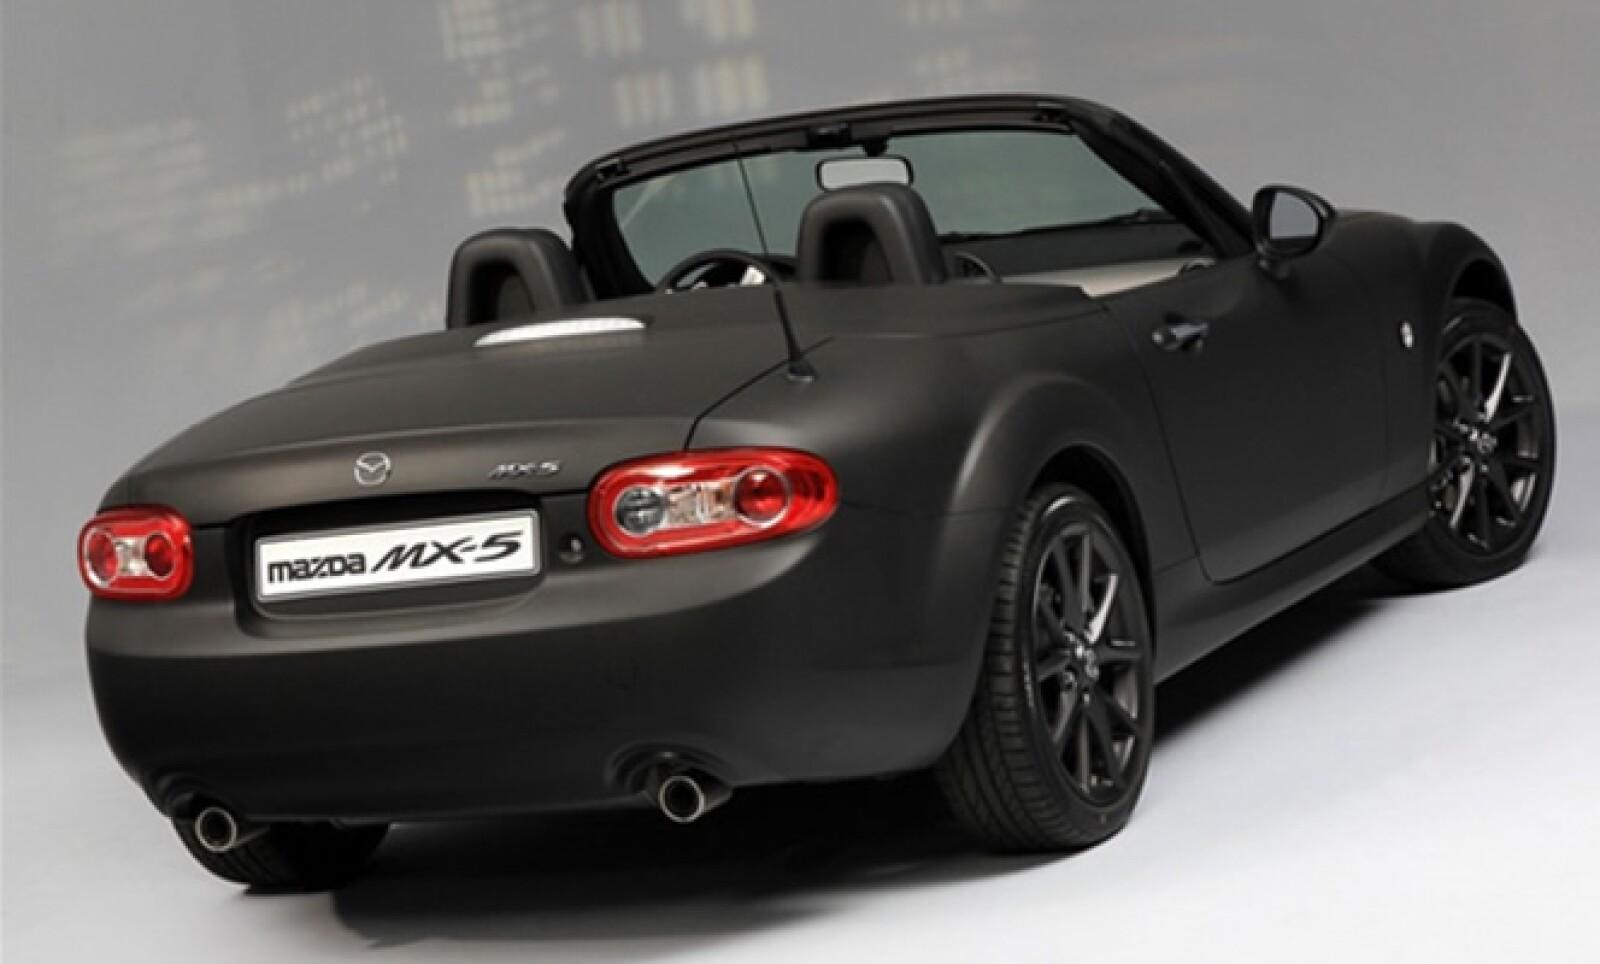 La marca ha lanzado una versión especial denominada Matte y Black, una coupé deportiva de inconfundible diseño y buena terminación.